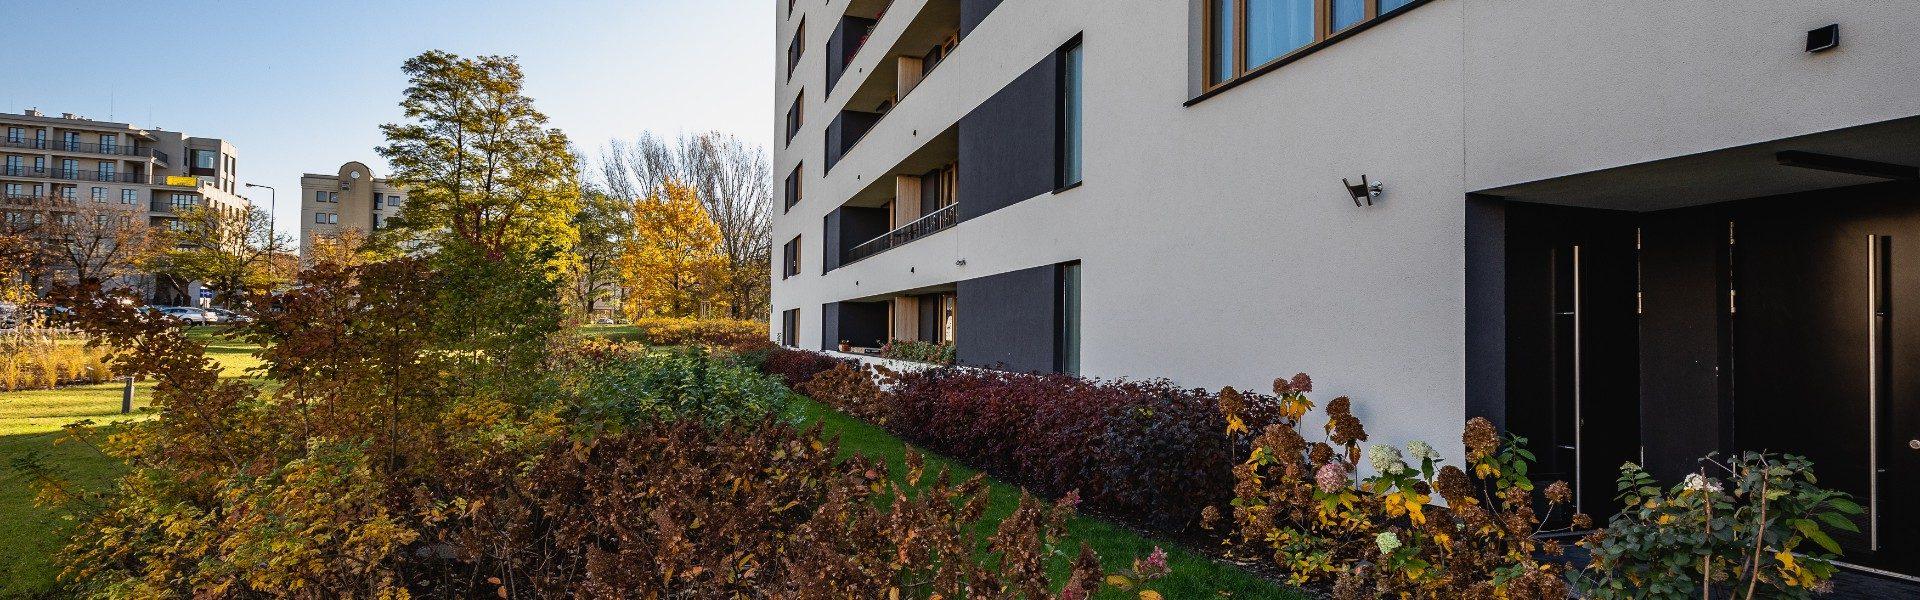 Dobrze zorganizowane osiedle Warszawa - Osiedle Mickiewicza